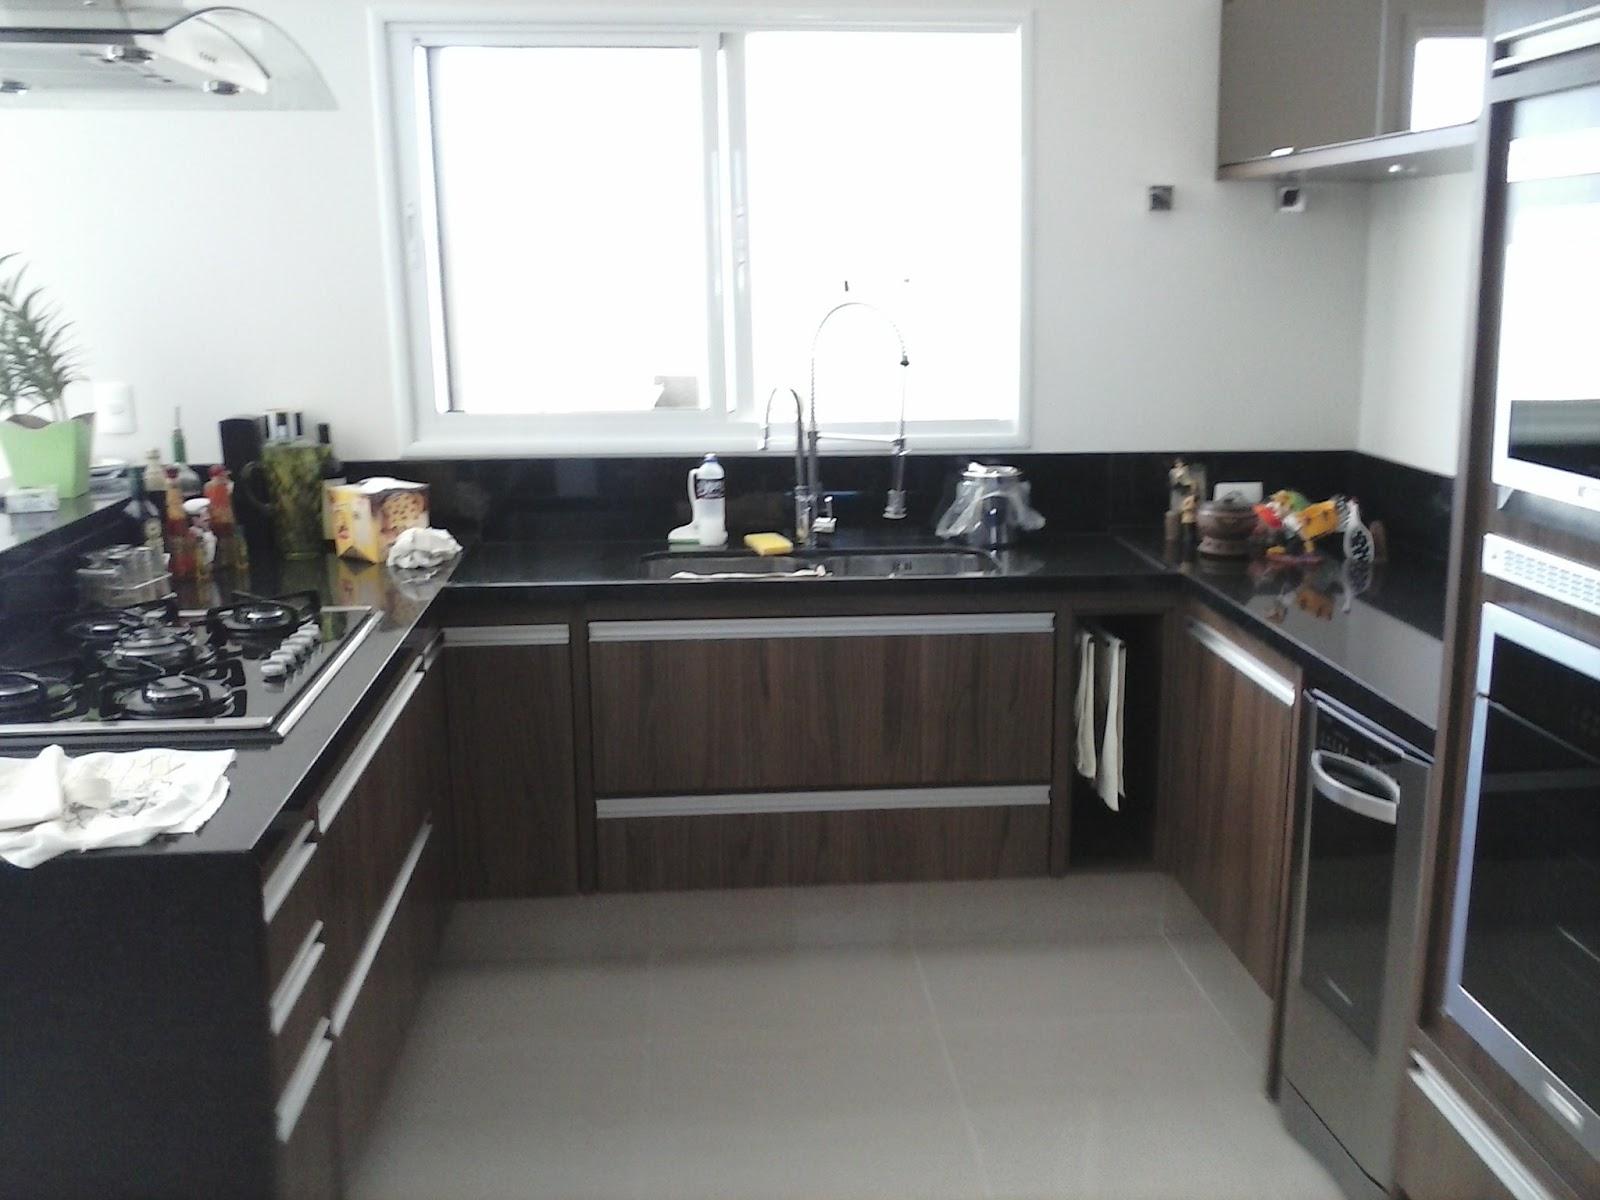 Móveis & Design o Bom Gosto em sua casa: cozinha moderna alto padrão #777C4F 1600 1200